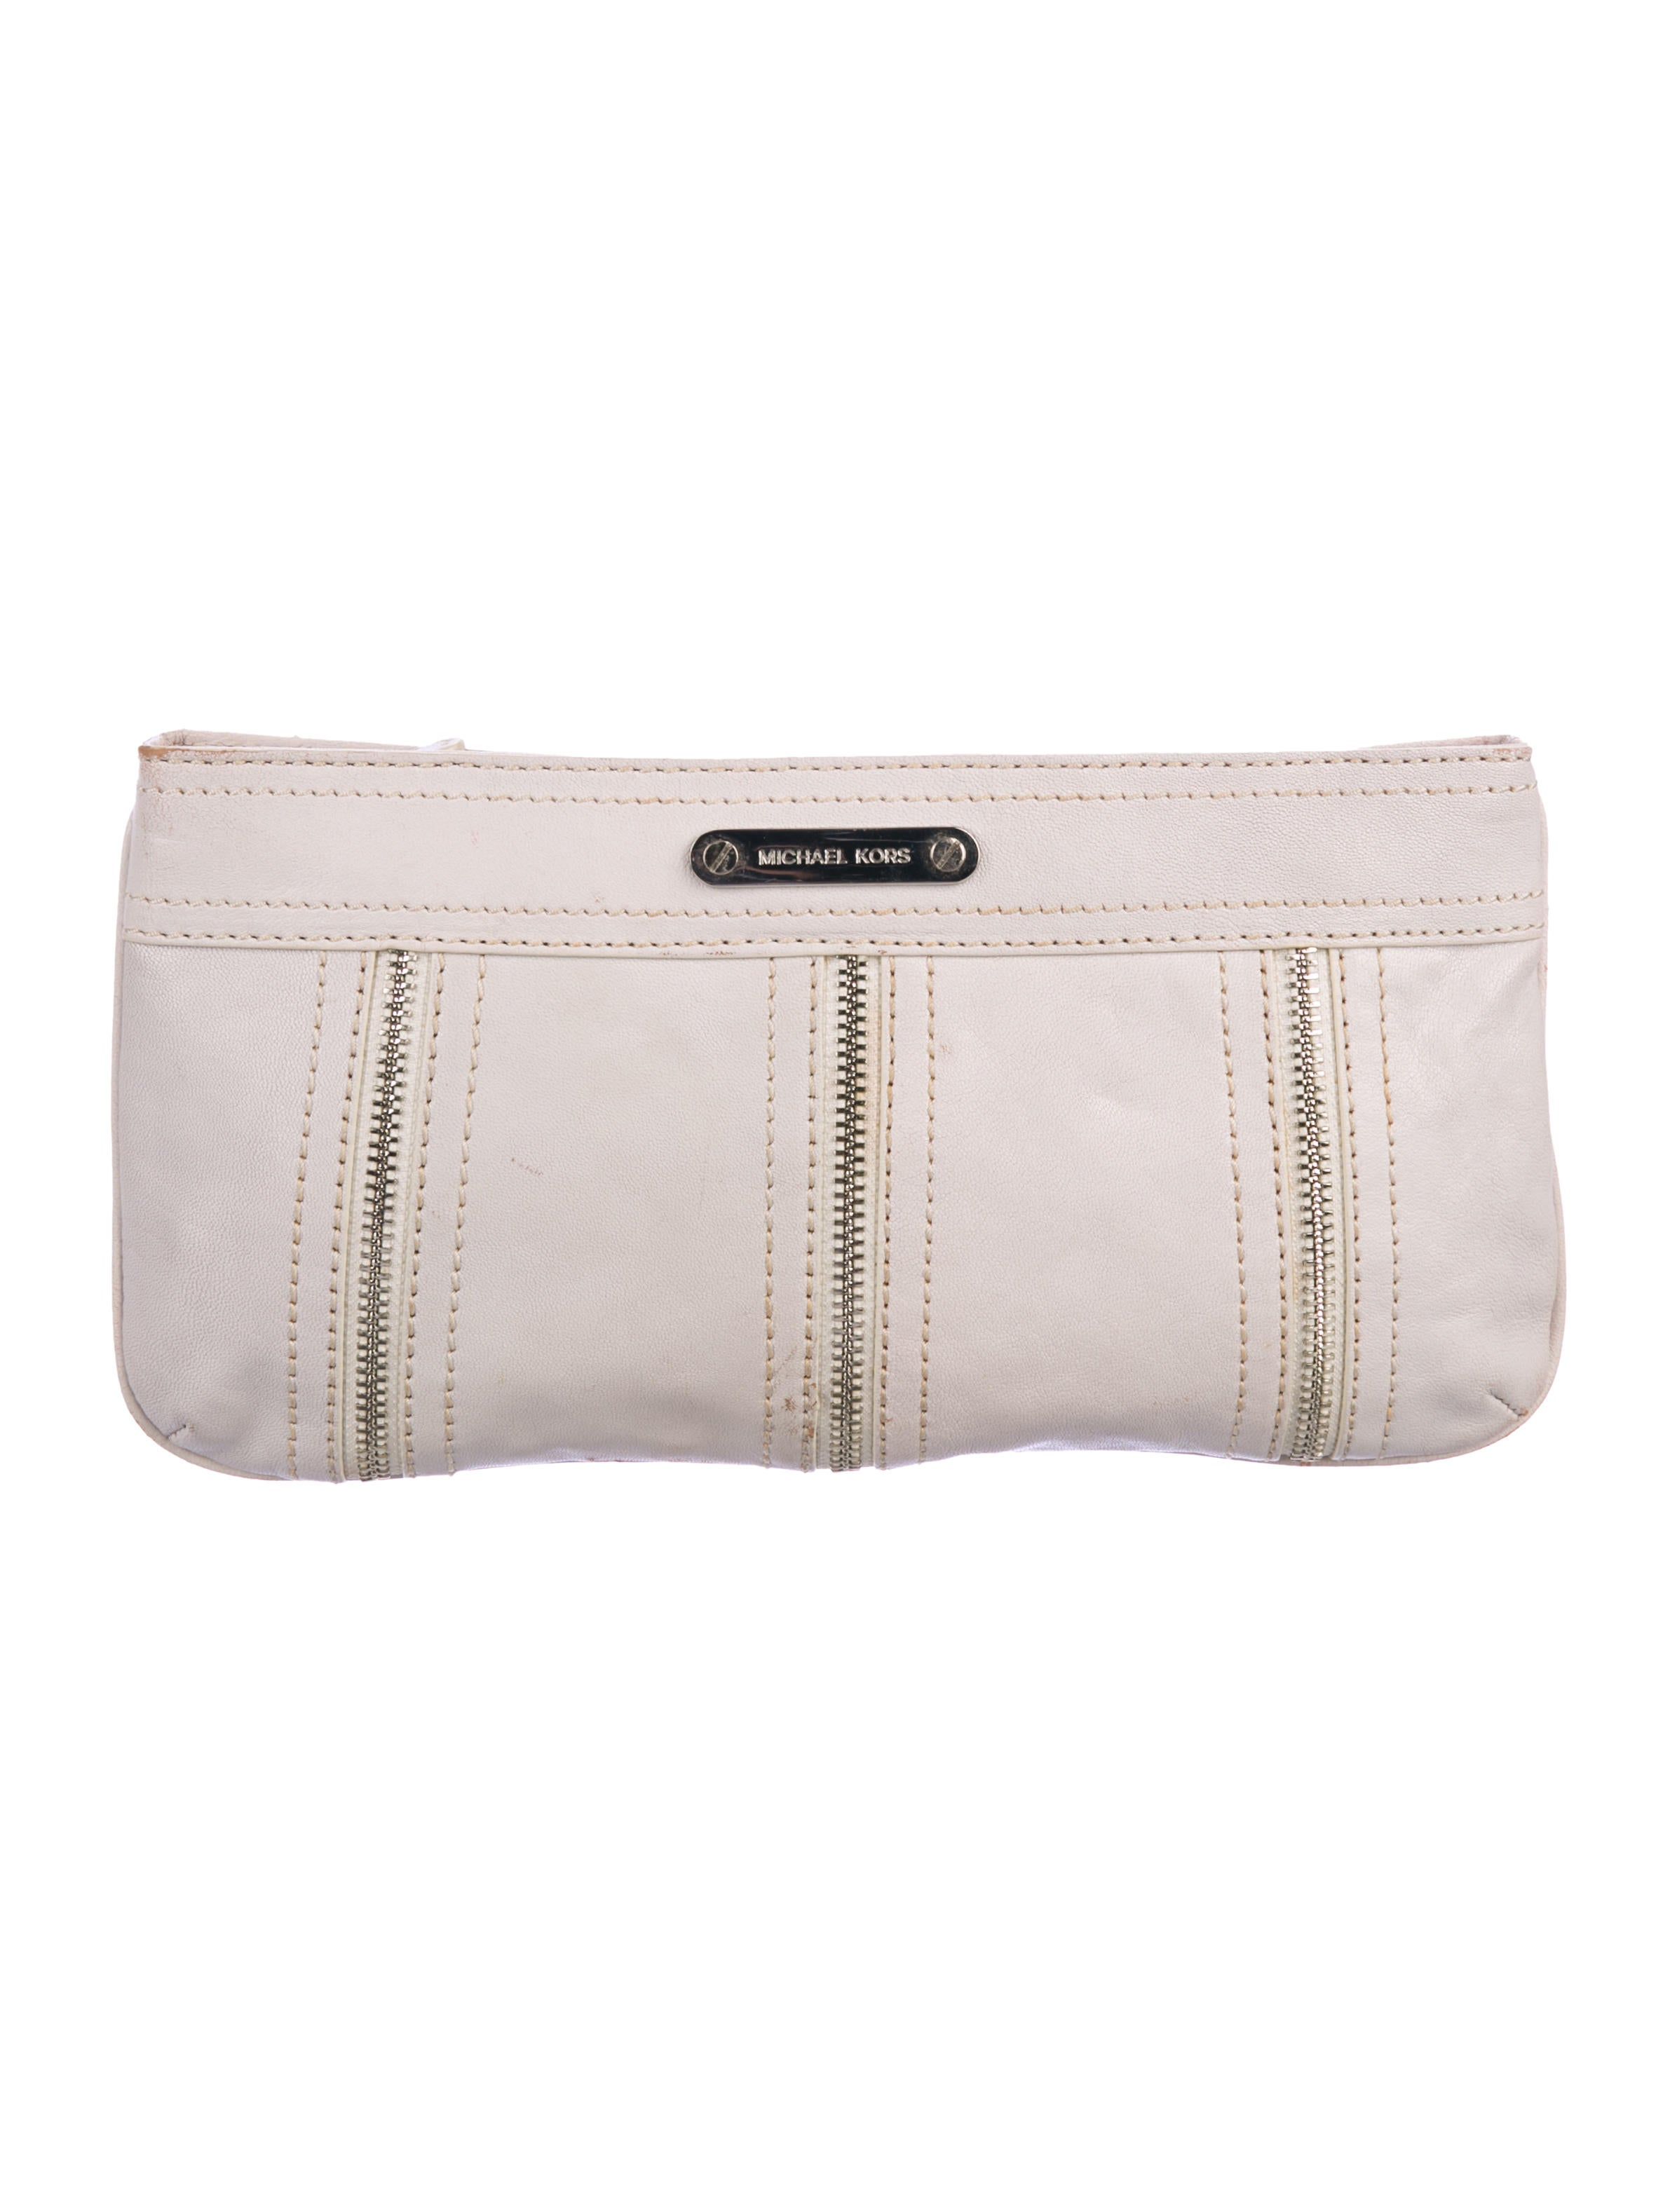 145d282bc80c Handbags